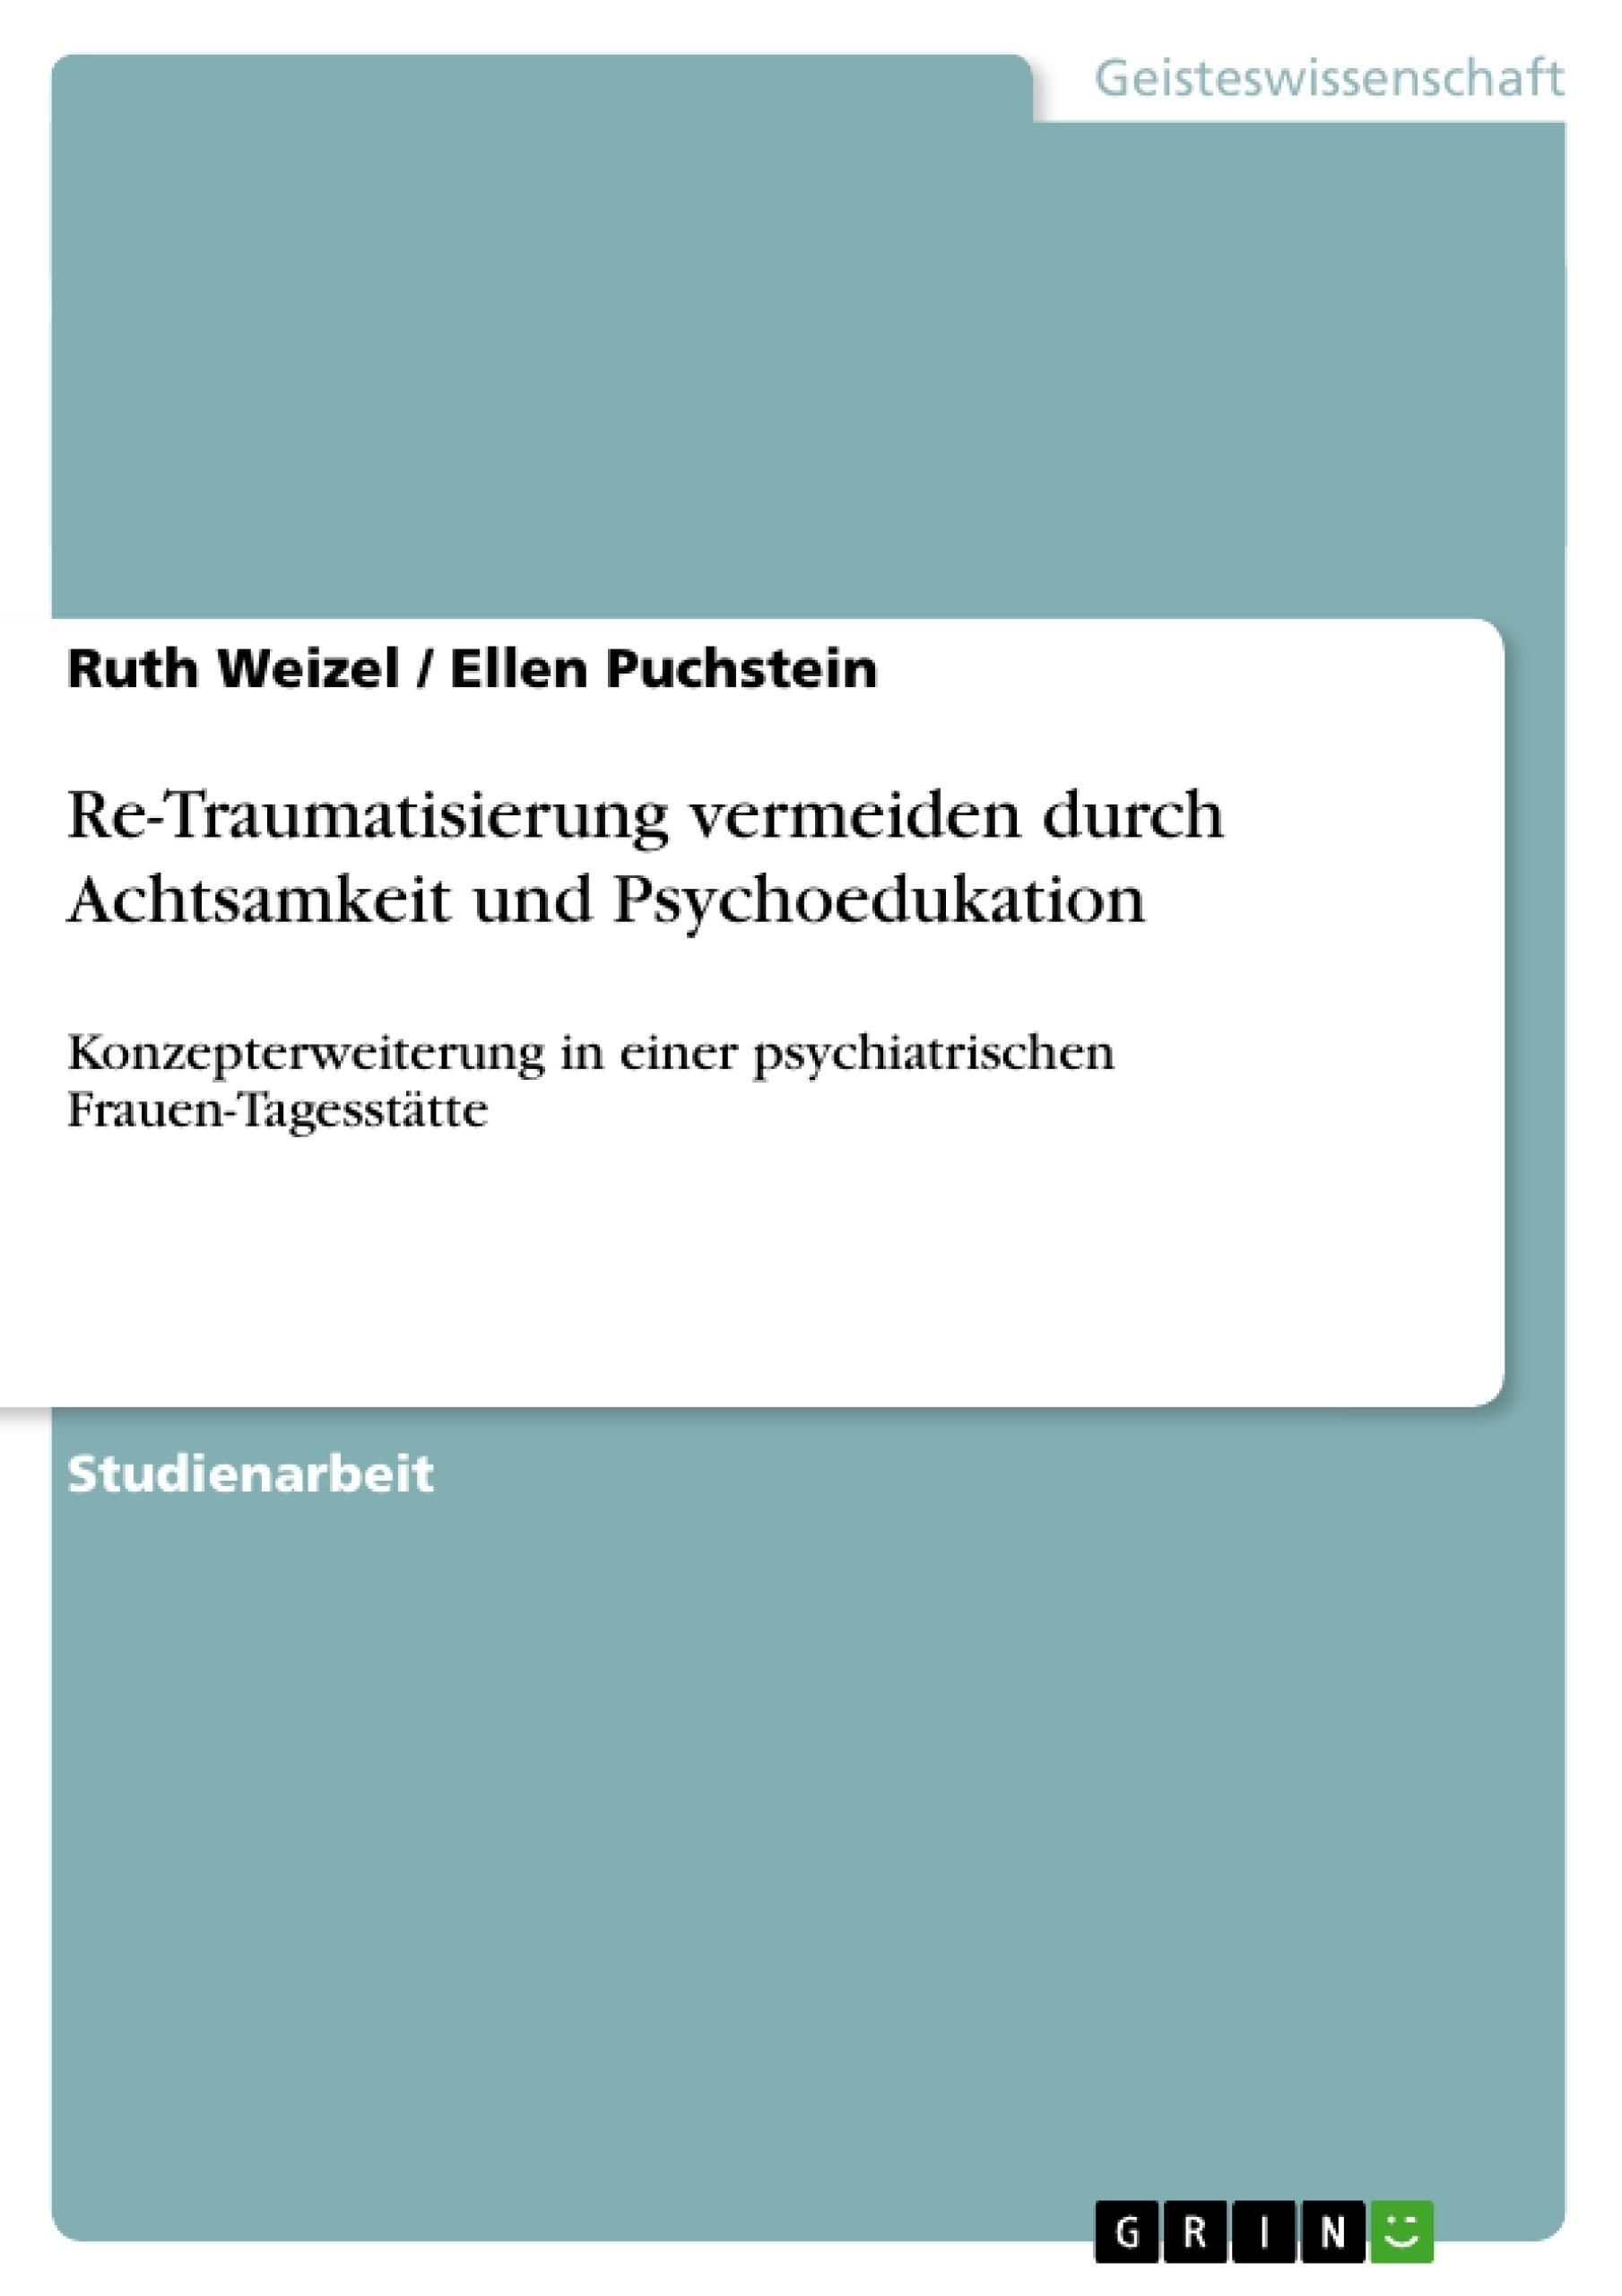 Titel: Re-Traumatisierung vermeiden durch Achtsamkeit und Psychoedukation